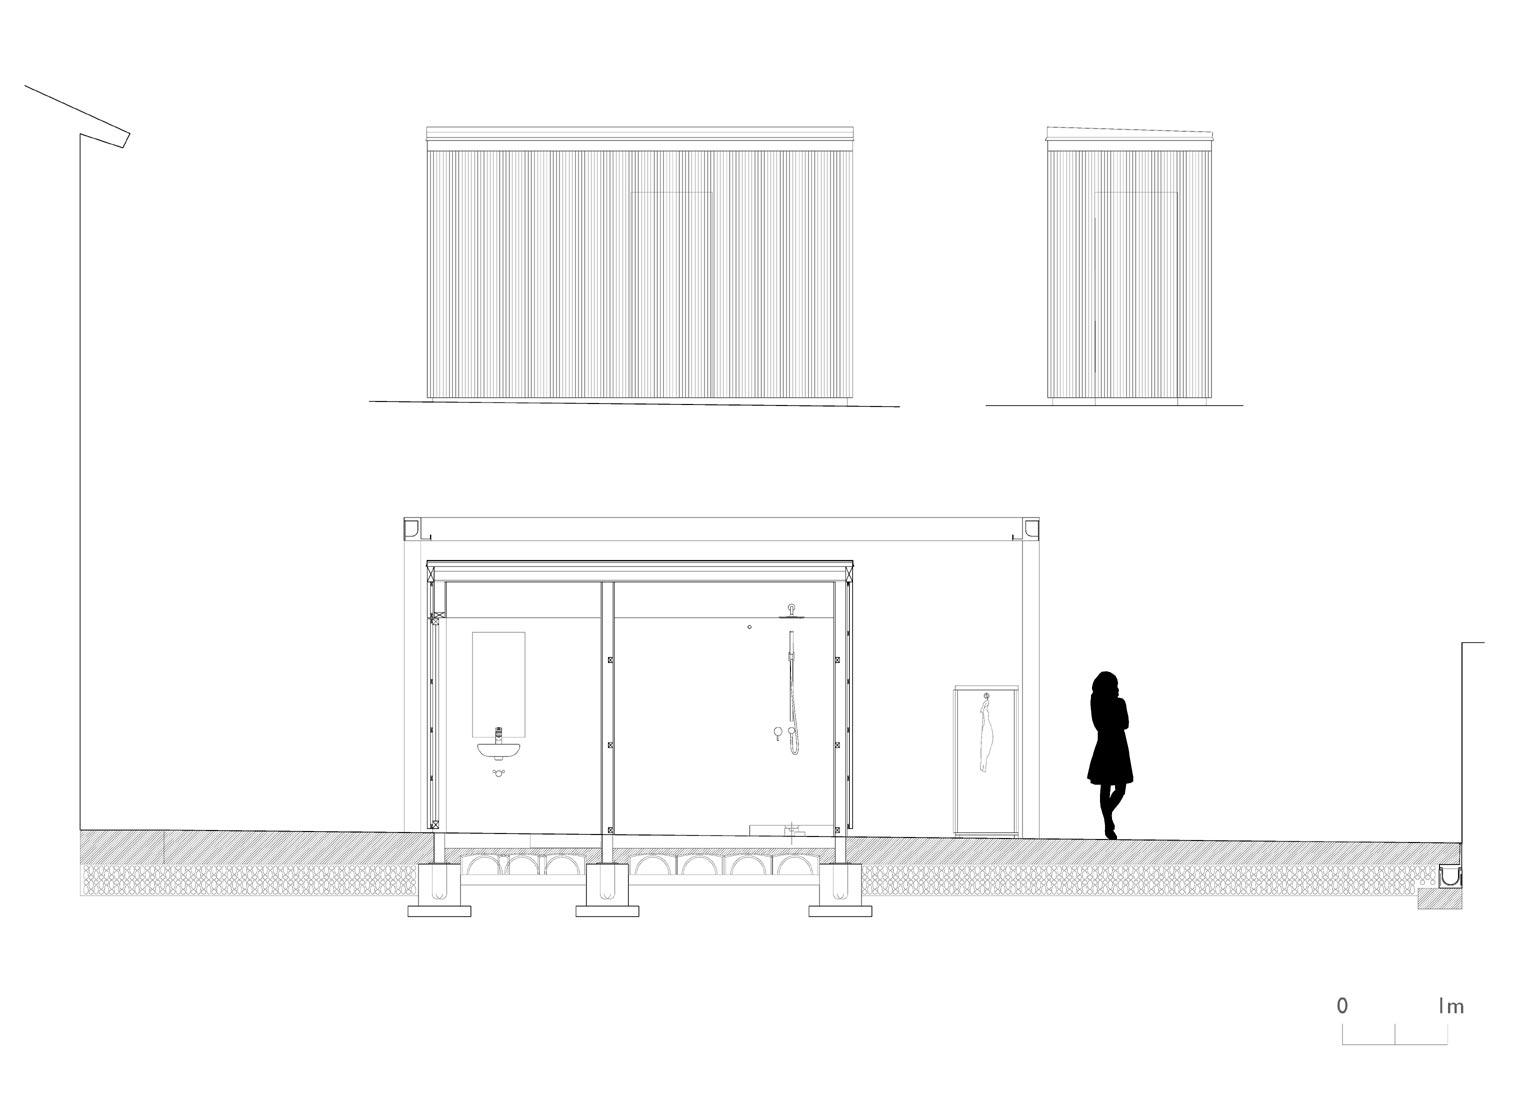 vk-architetti_reefugio_section